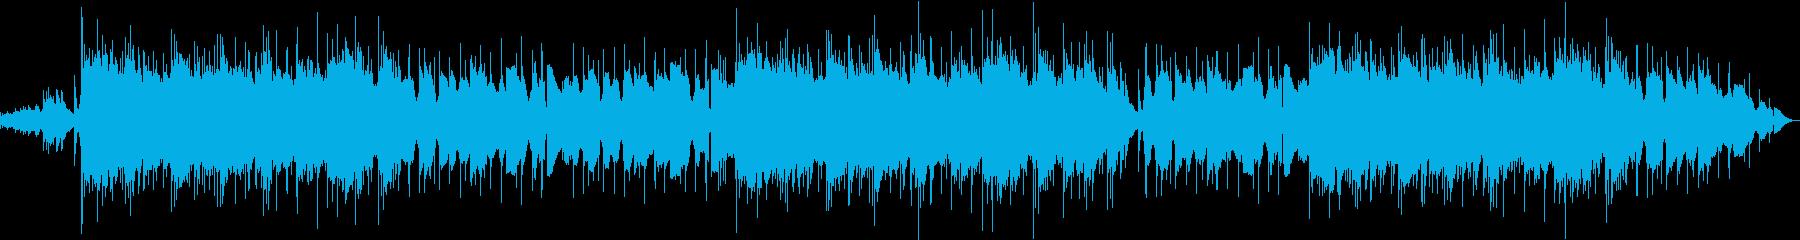 琉球風ローファイビート 三線 三味線の再生済みの波形